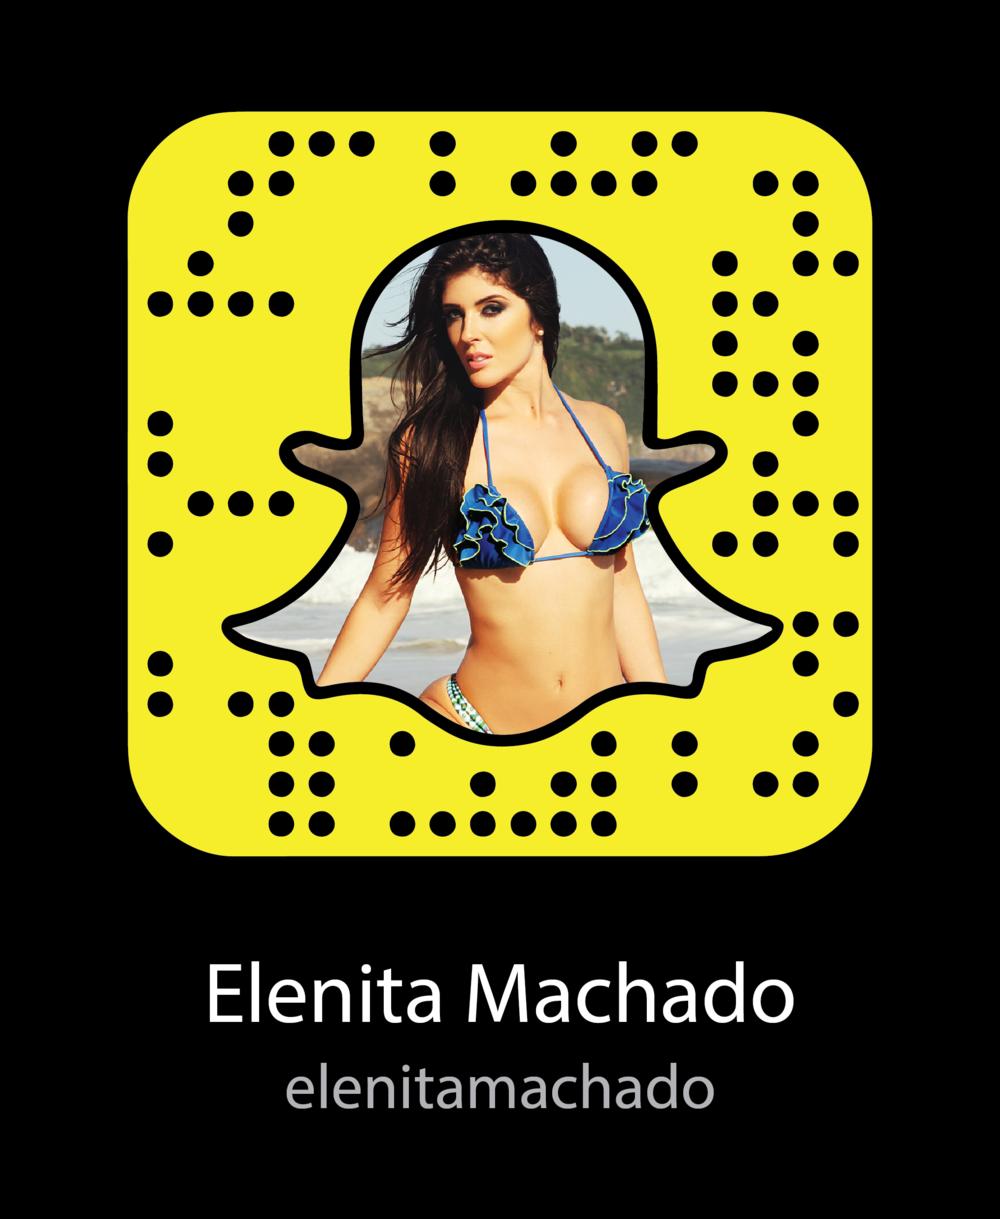 elenitamachado-Sexy-snapchat-snapcode.png